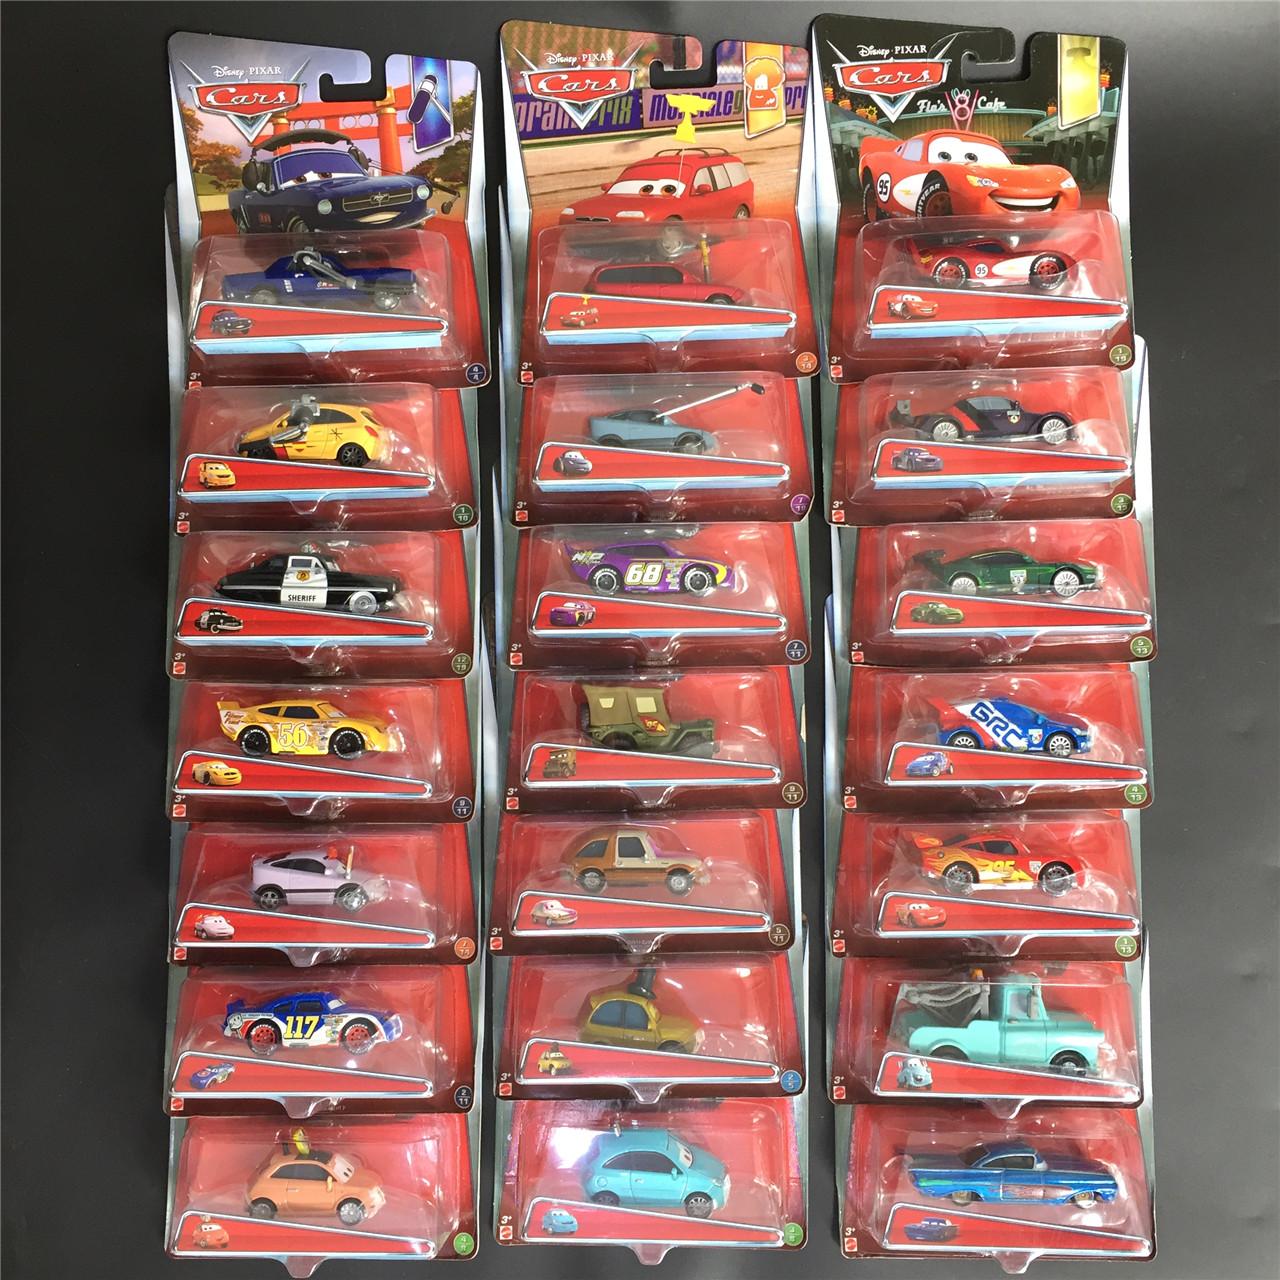 美泰汽车总动员2系列 闪电麦昆板牙路霸车王合金小赛车模型玩具3